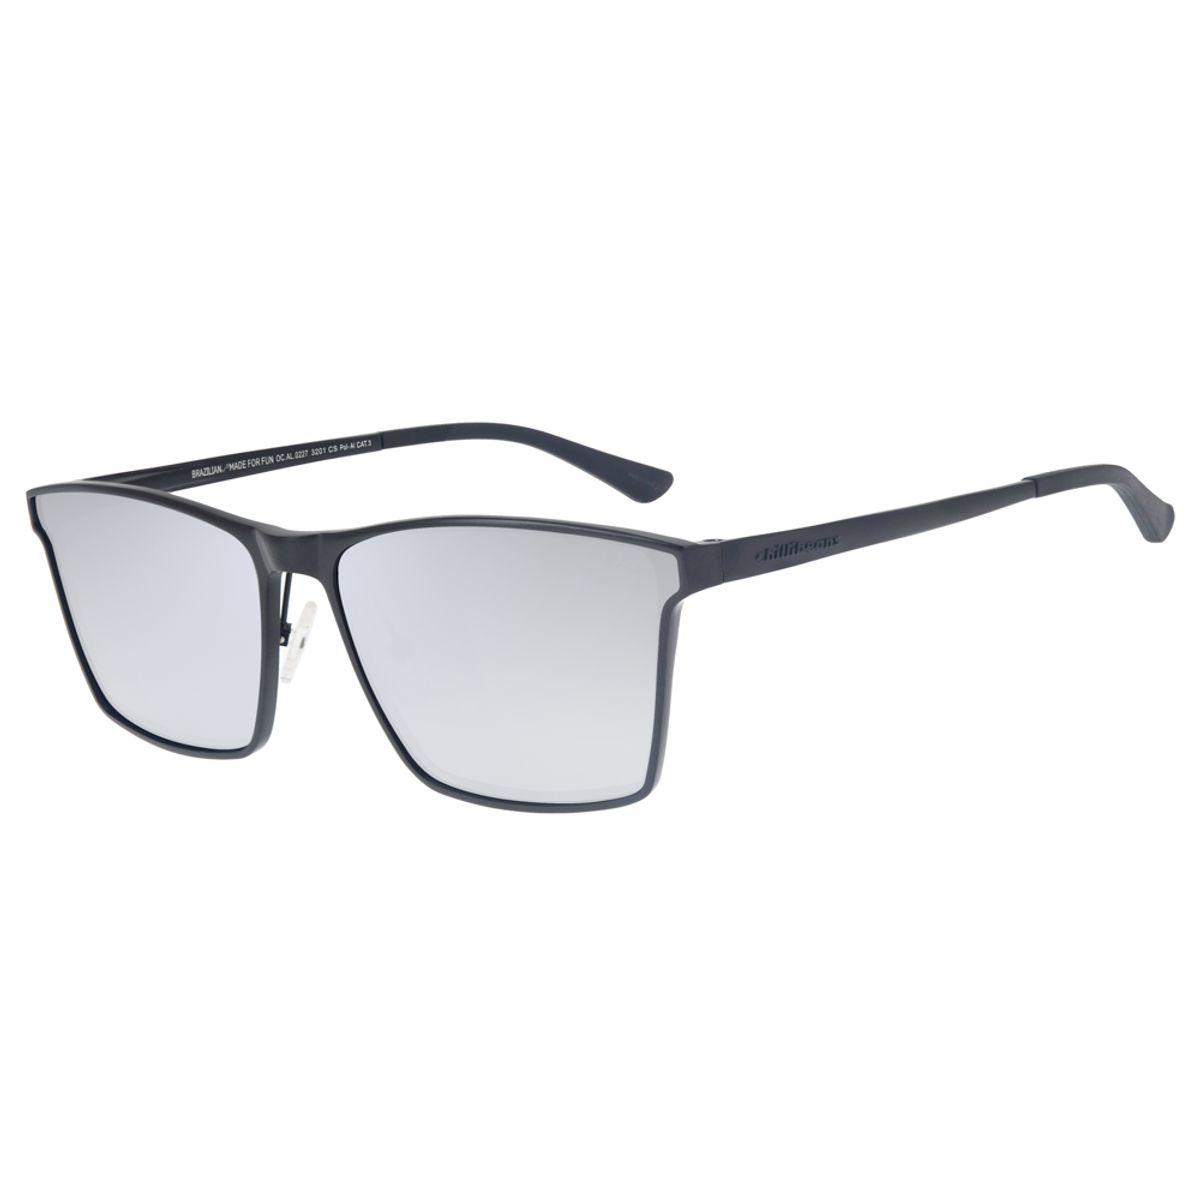 059e164ad Óculos de Sol Chilli Beans Masculino Alumínio Polarizado Espelhado ...